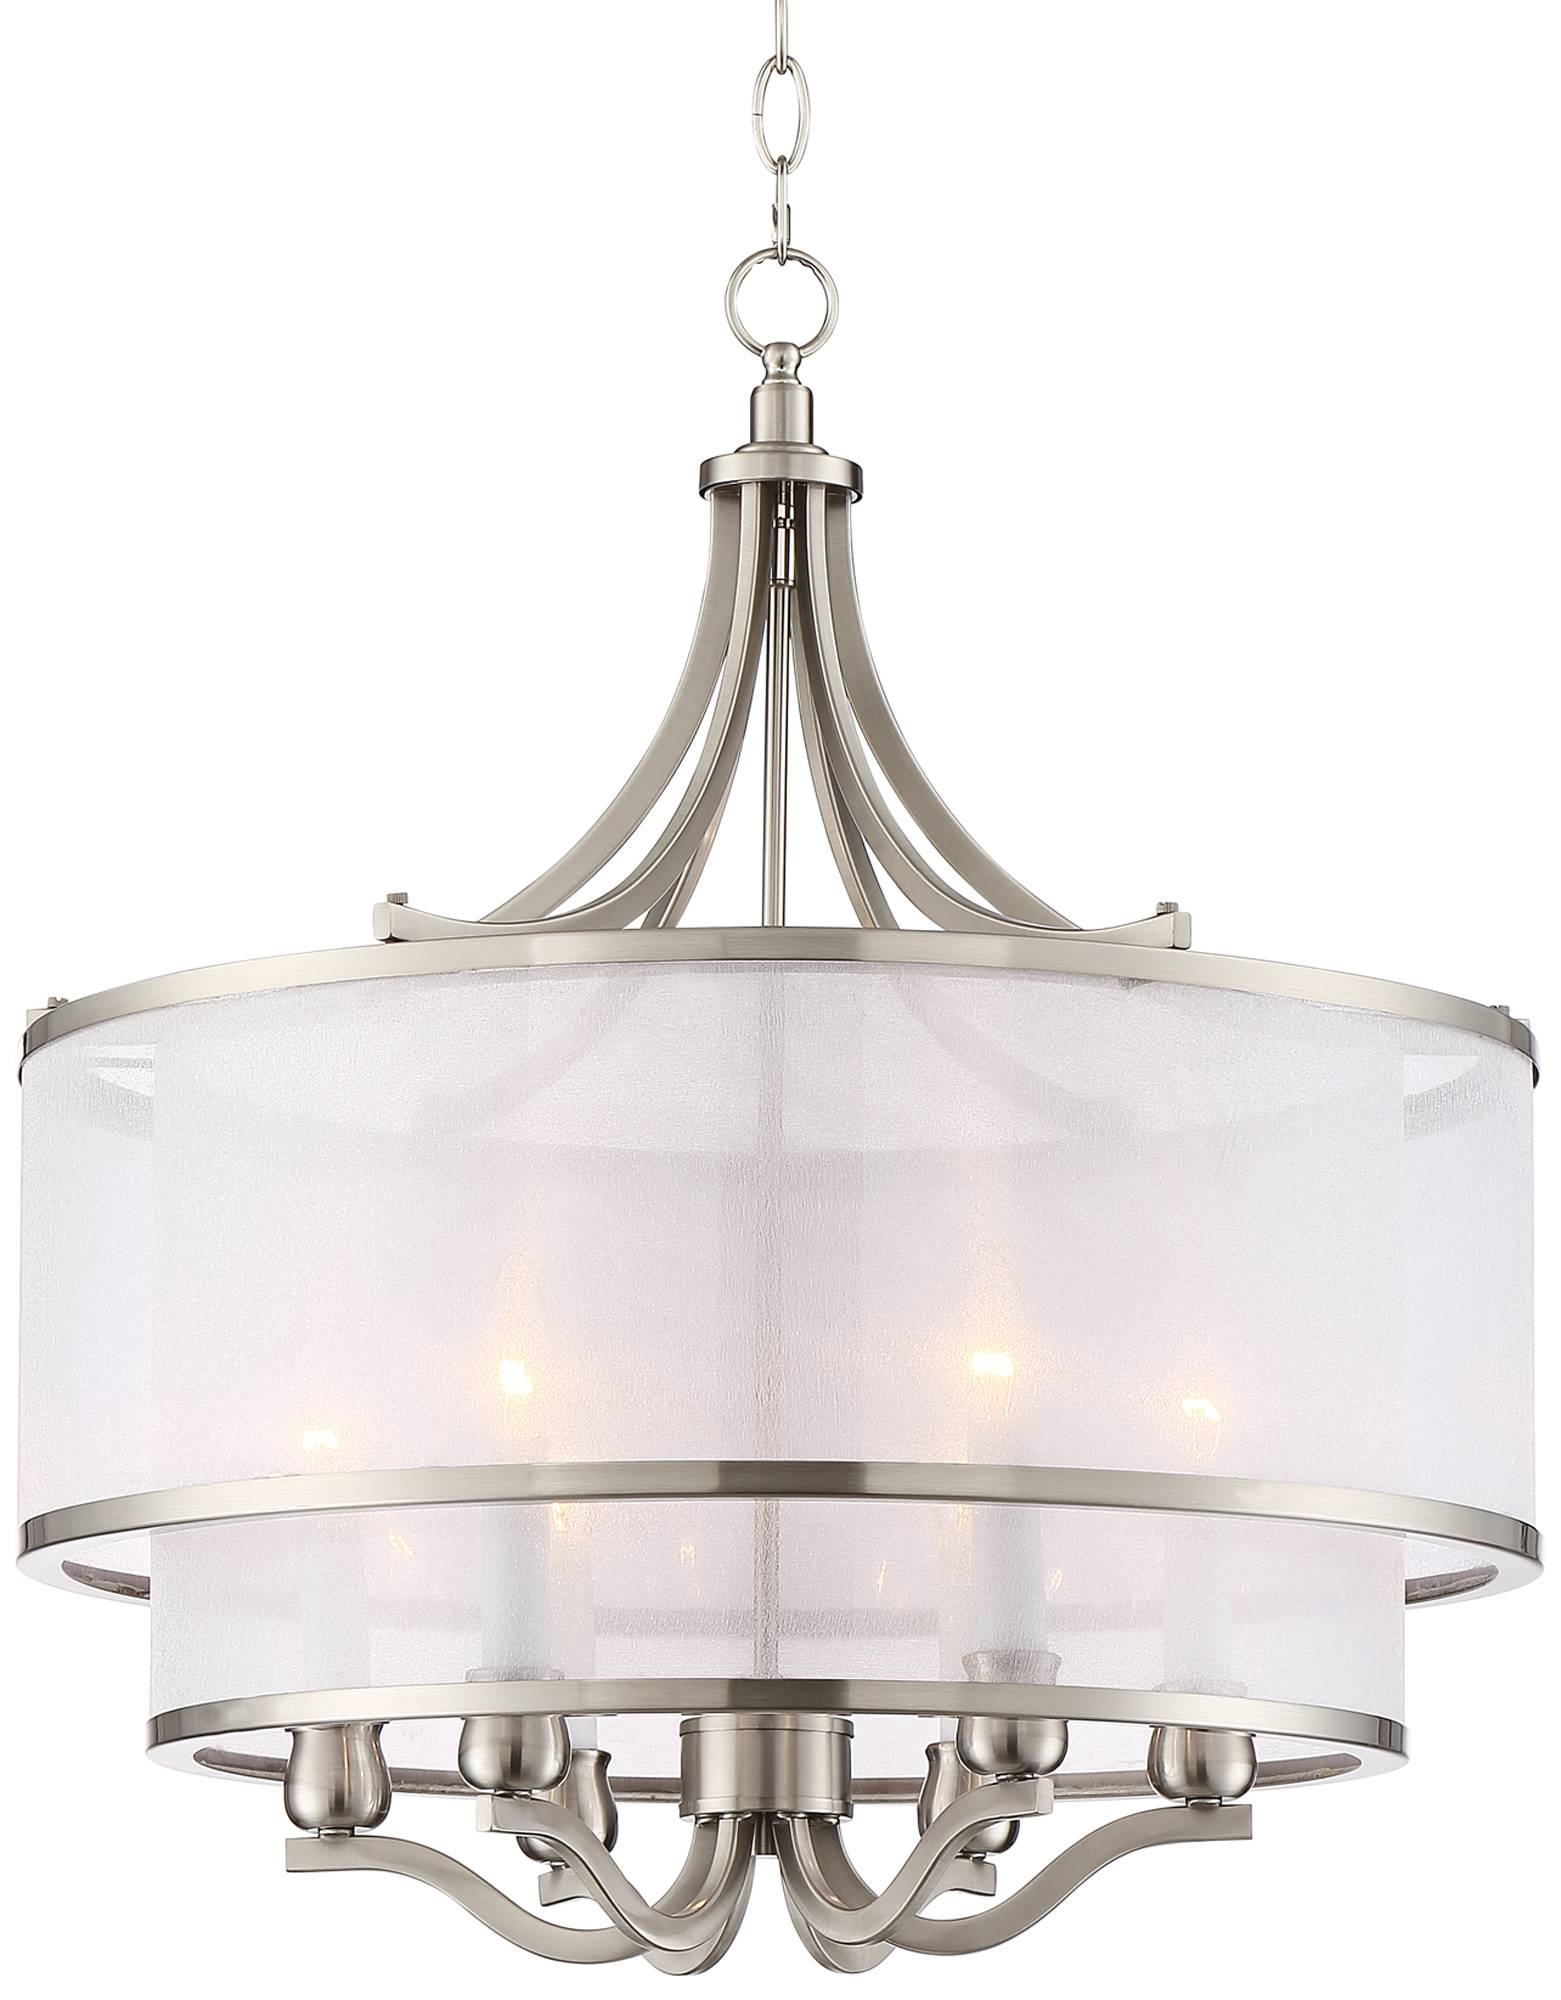 Lamps Plus In Redlands